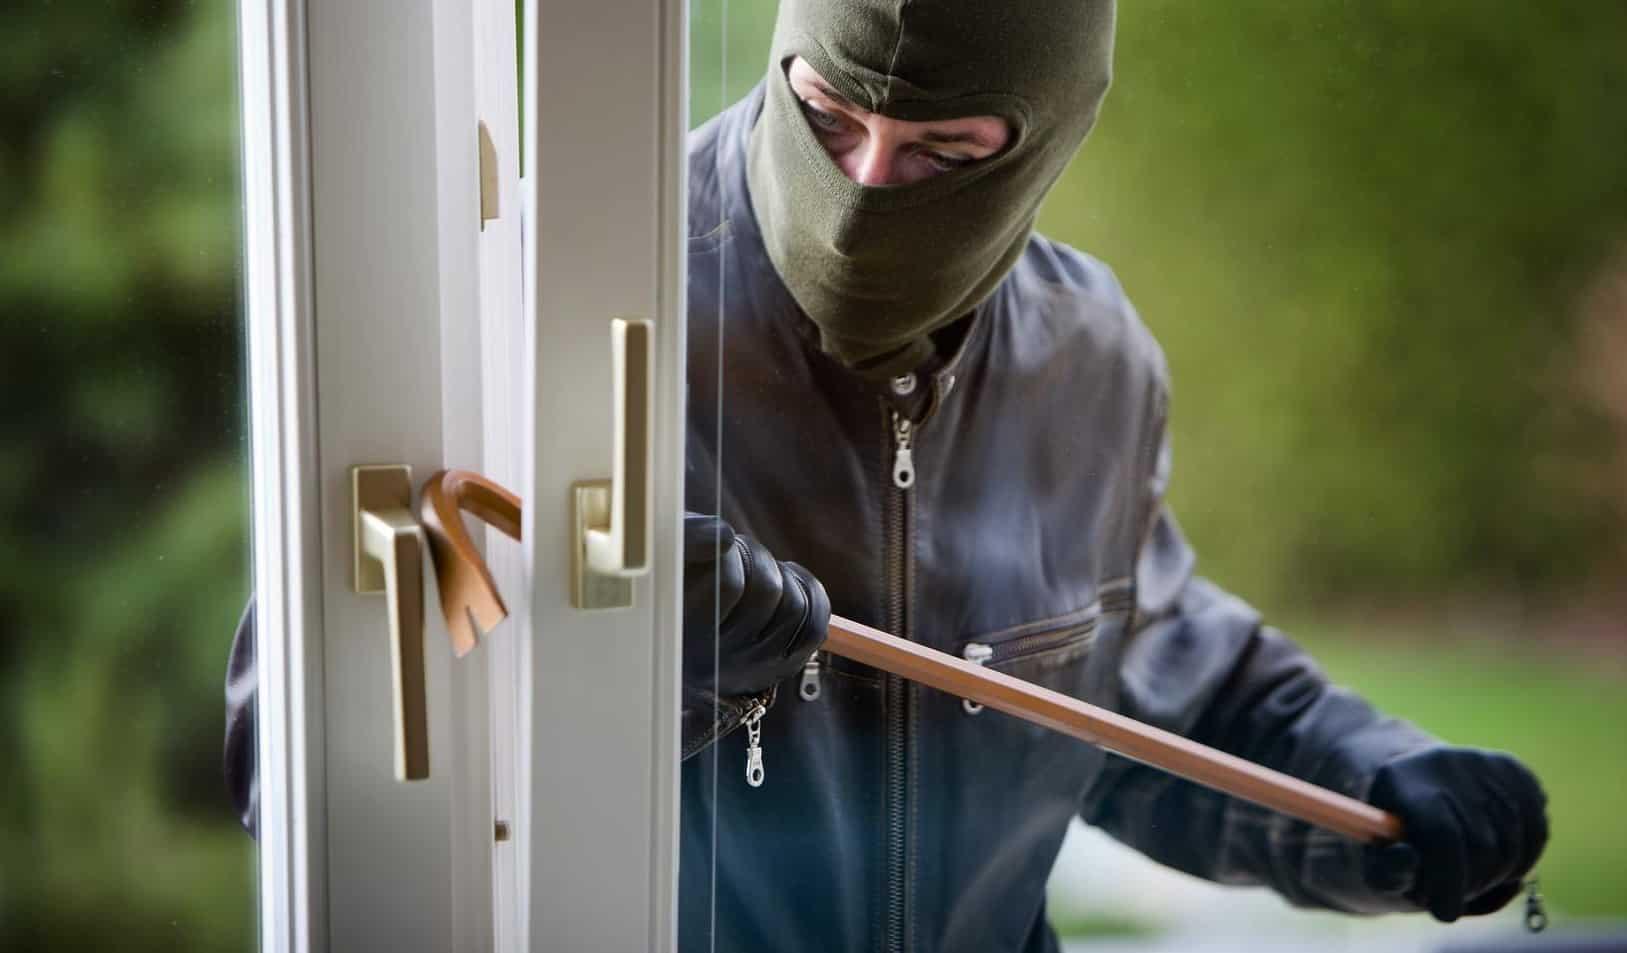 Rendi sicura la tua casa con i sistemi antiscasso per le maniglie finestre